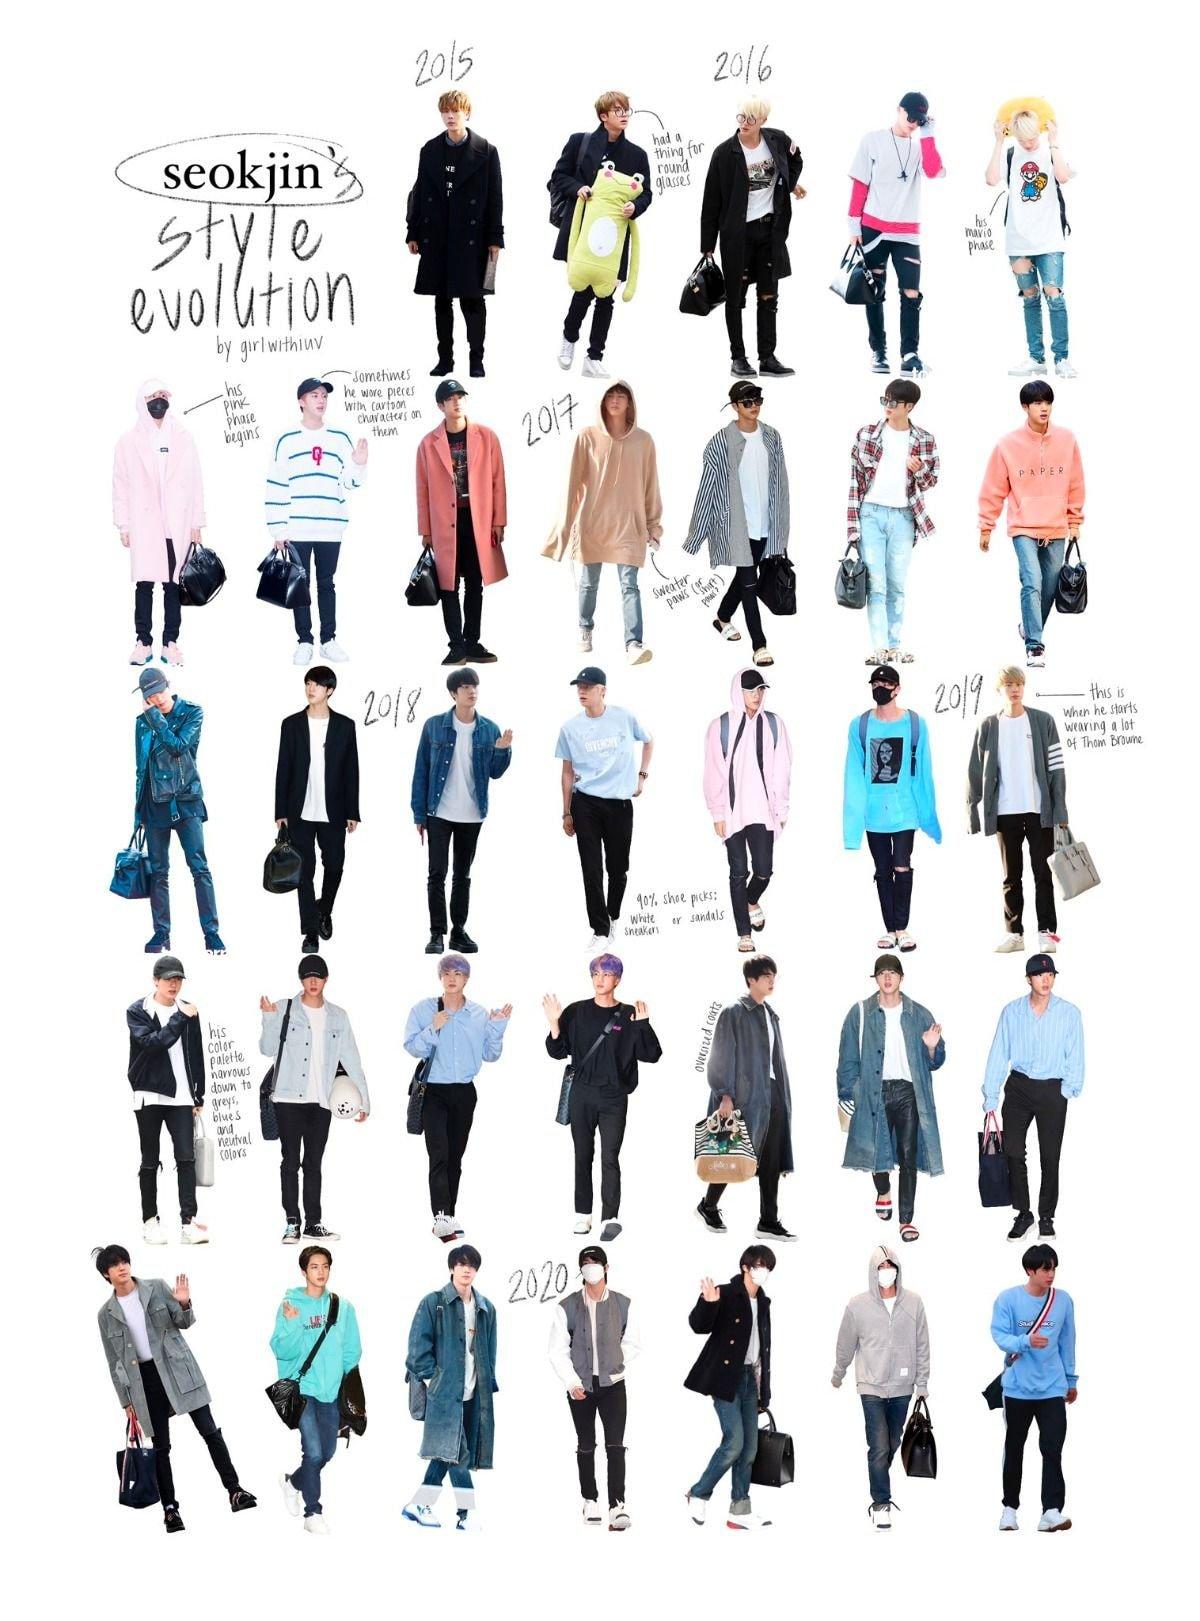 방탄소년단의 사복스타일을 한눈에 알아보자.jpg